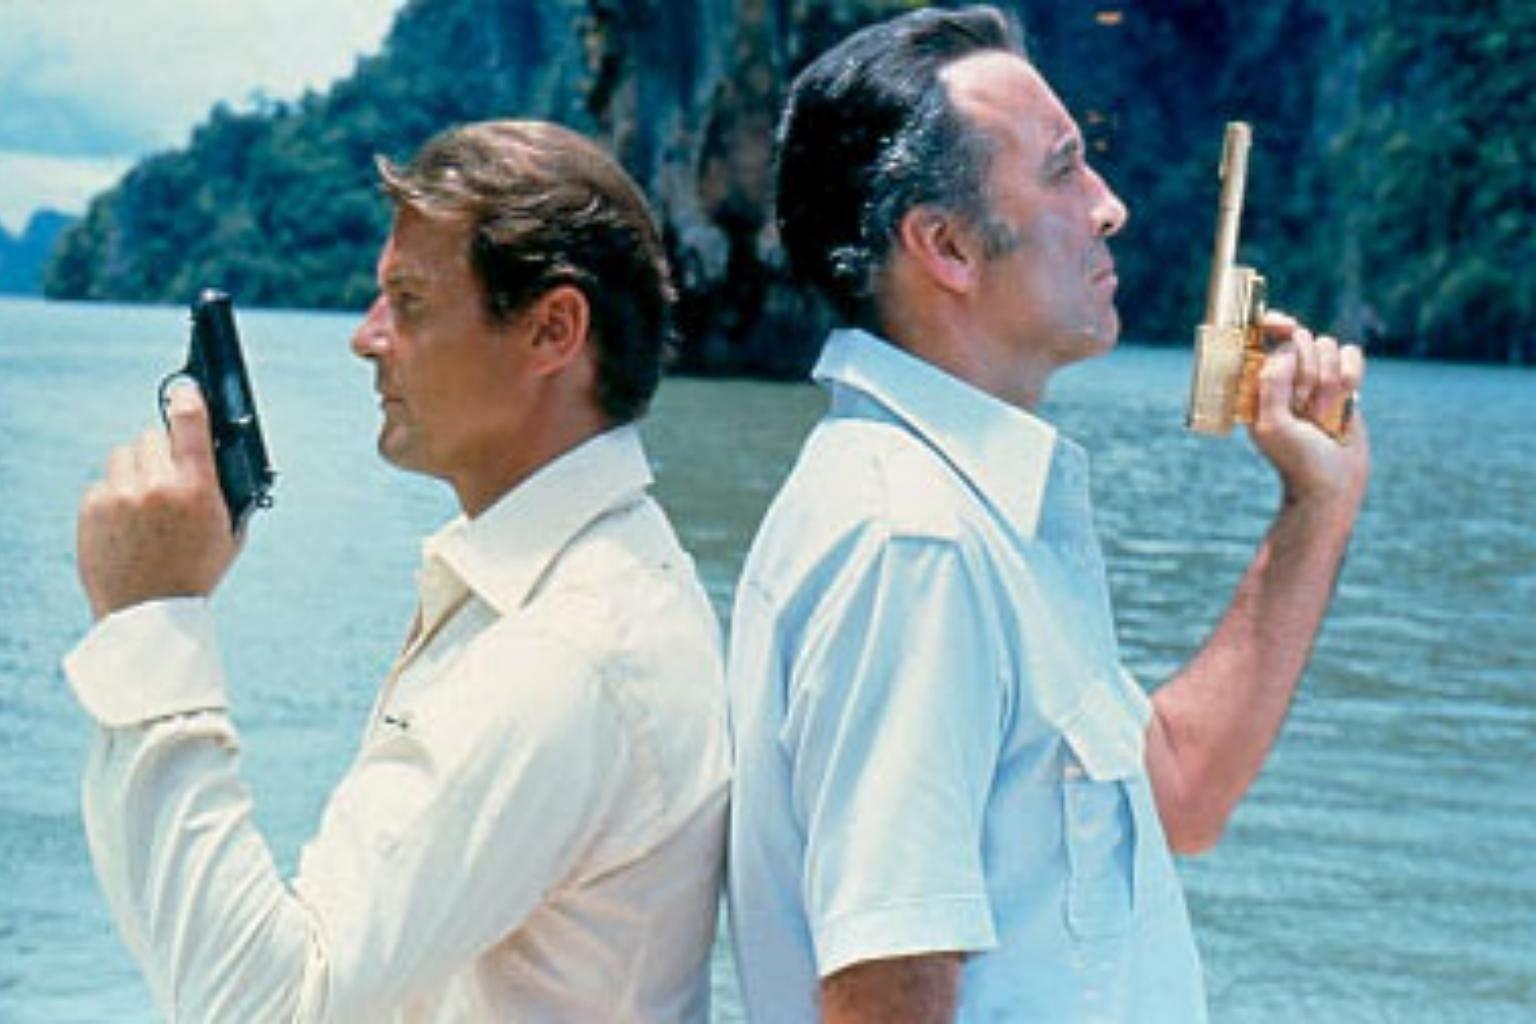 James Bond actor Roger Moore dies in Switzerland